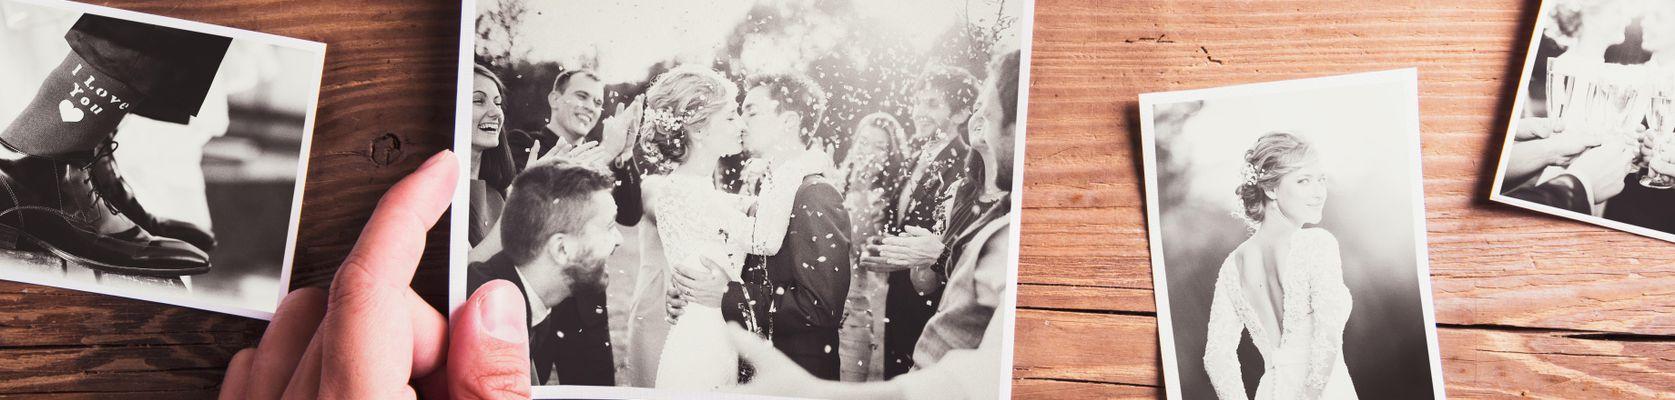 Hochzeitsfotos, Fotos Hochzeit, Fotos von echter Hochzeit